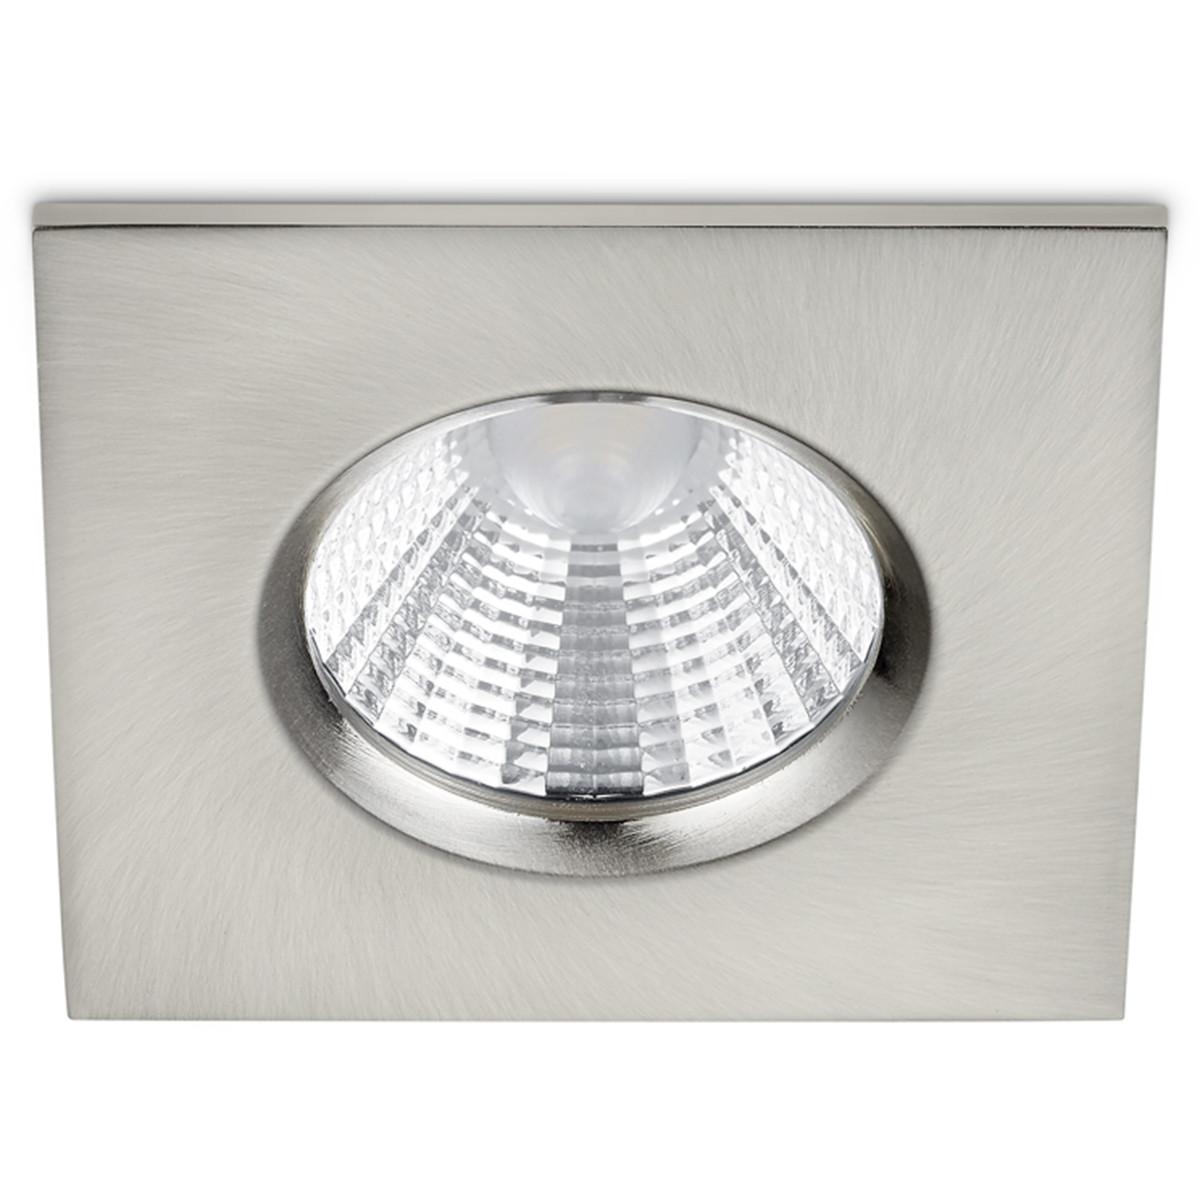 LED Spot - Inbouwspot - Trion Zagrona - 5W - Waterdicht IP65 - Dimbaar - Warm Wit 3000K - Mat Nikkel